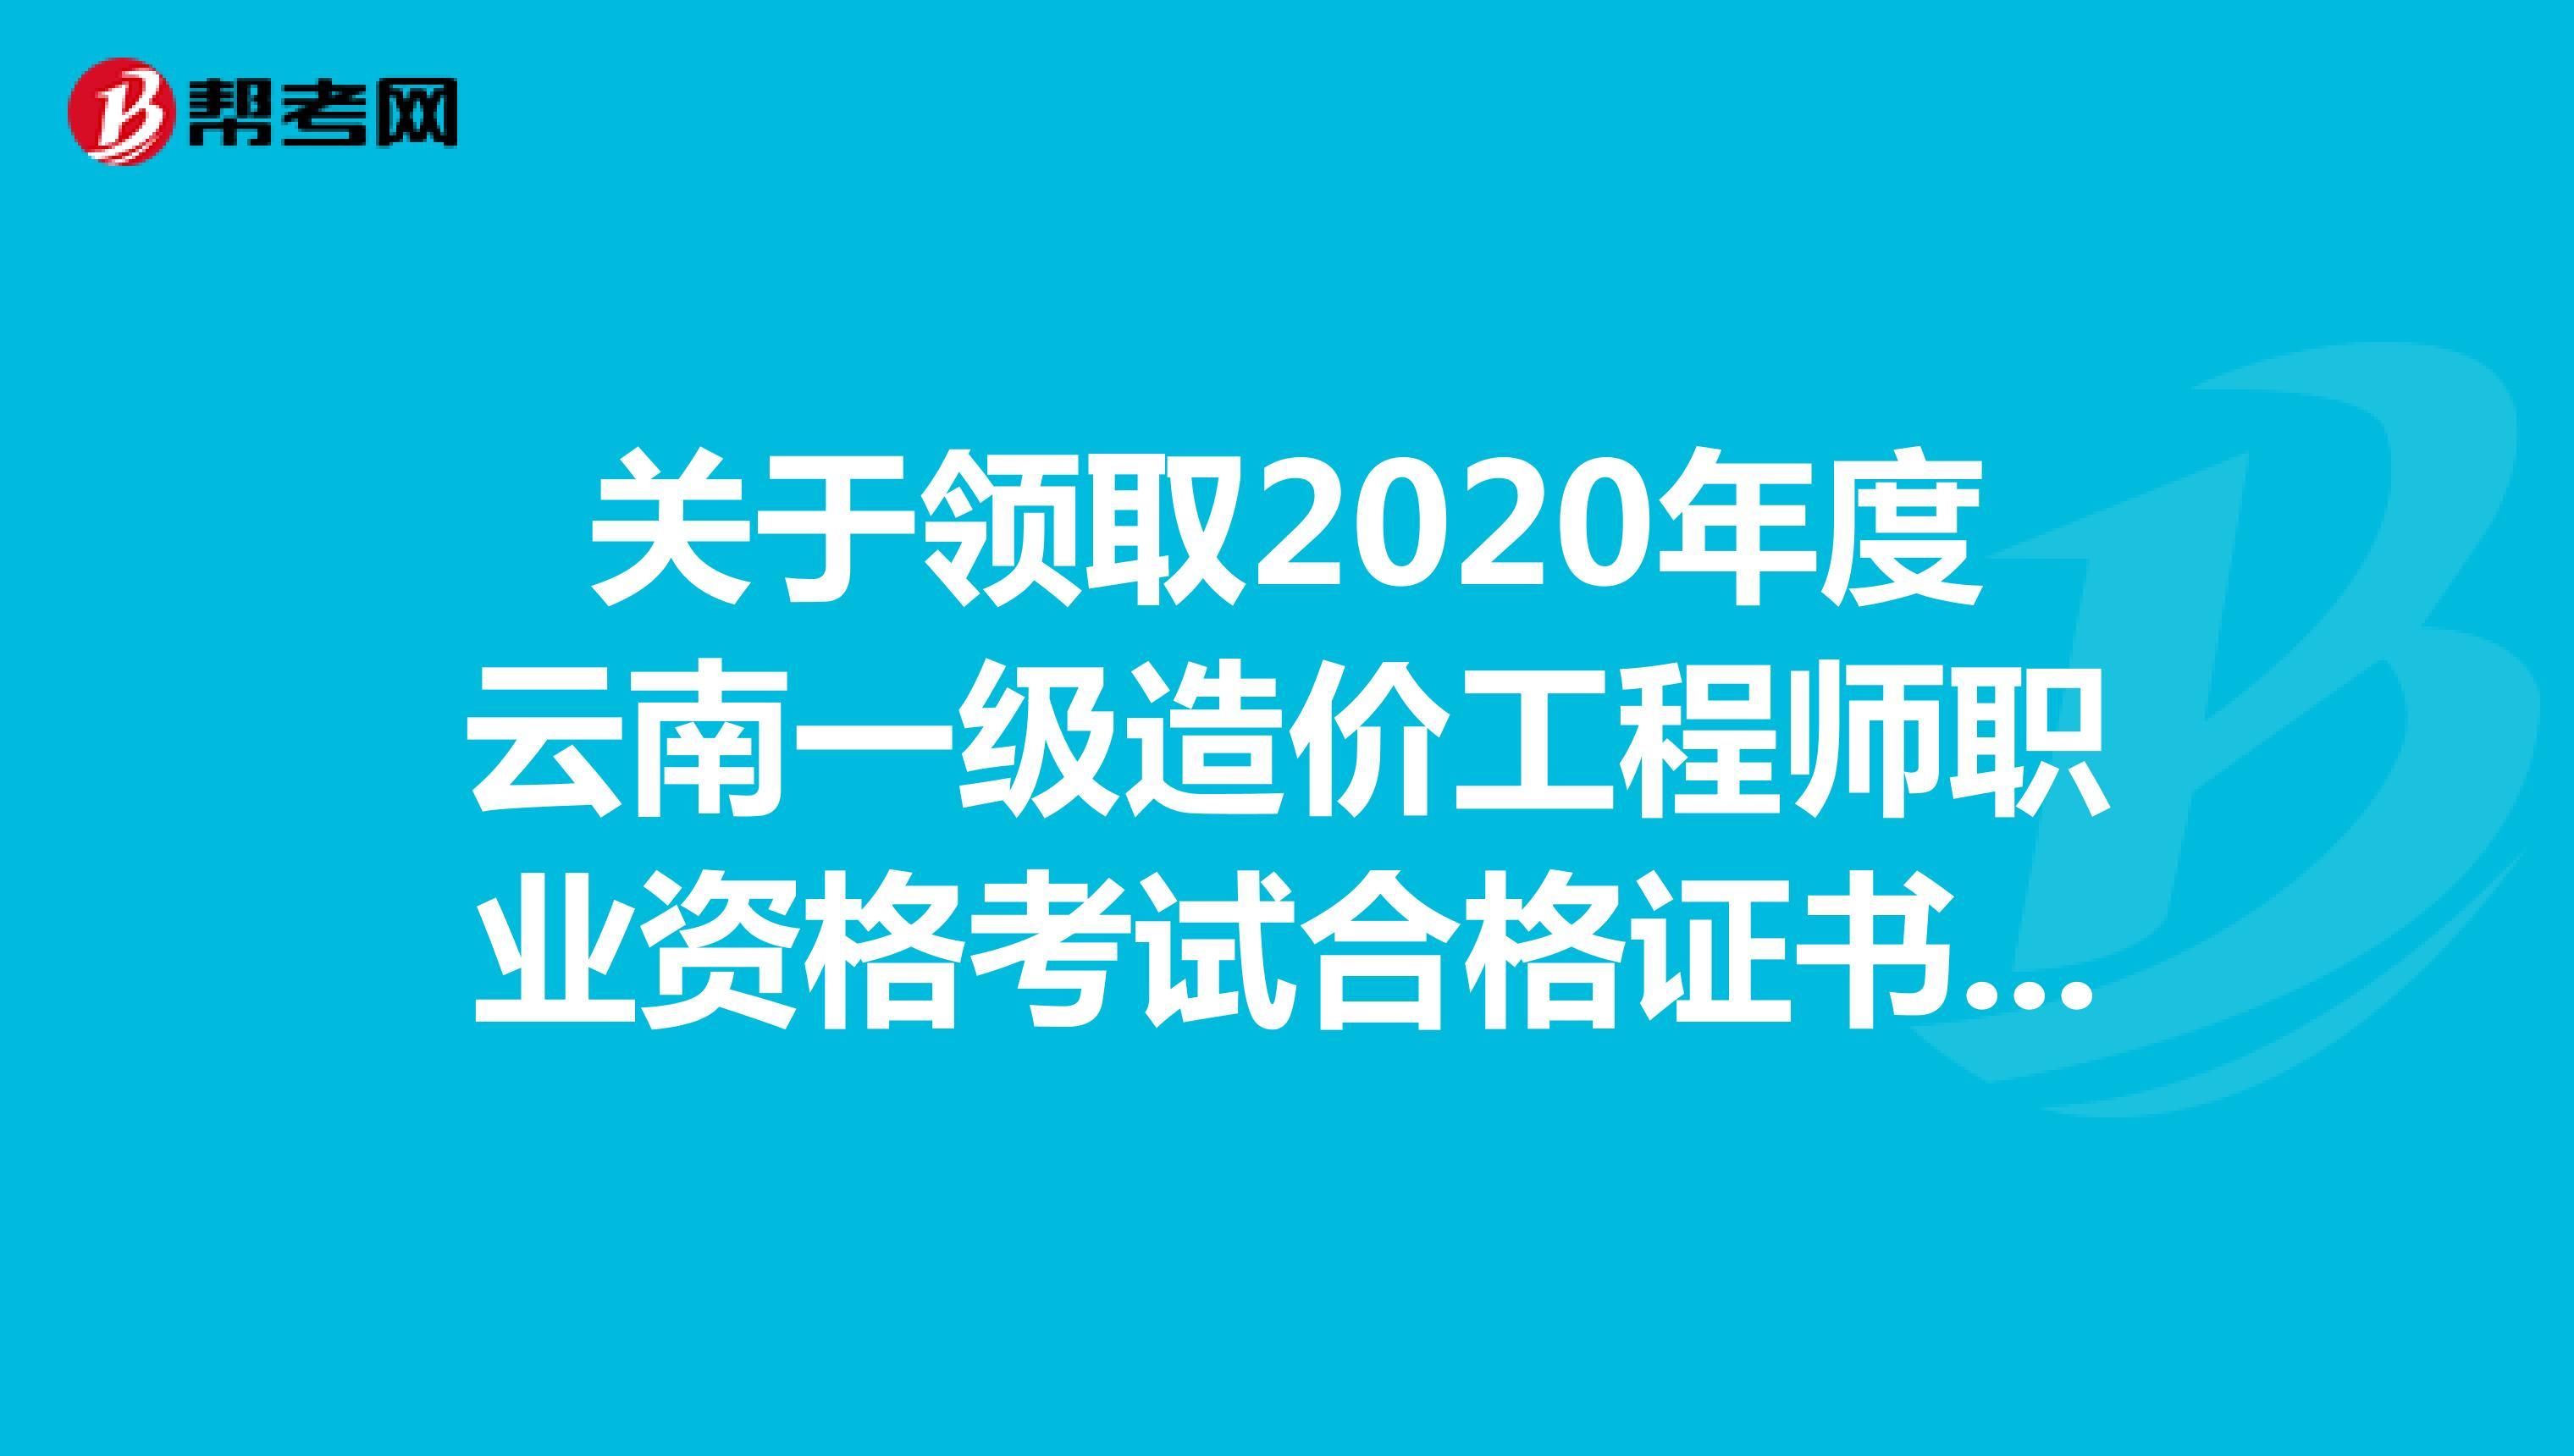 关于领取2020年度云南一级造价工程师职业资格考试合格证书的通知